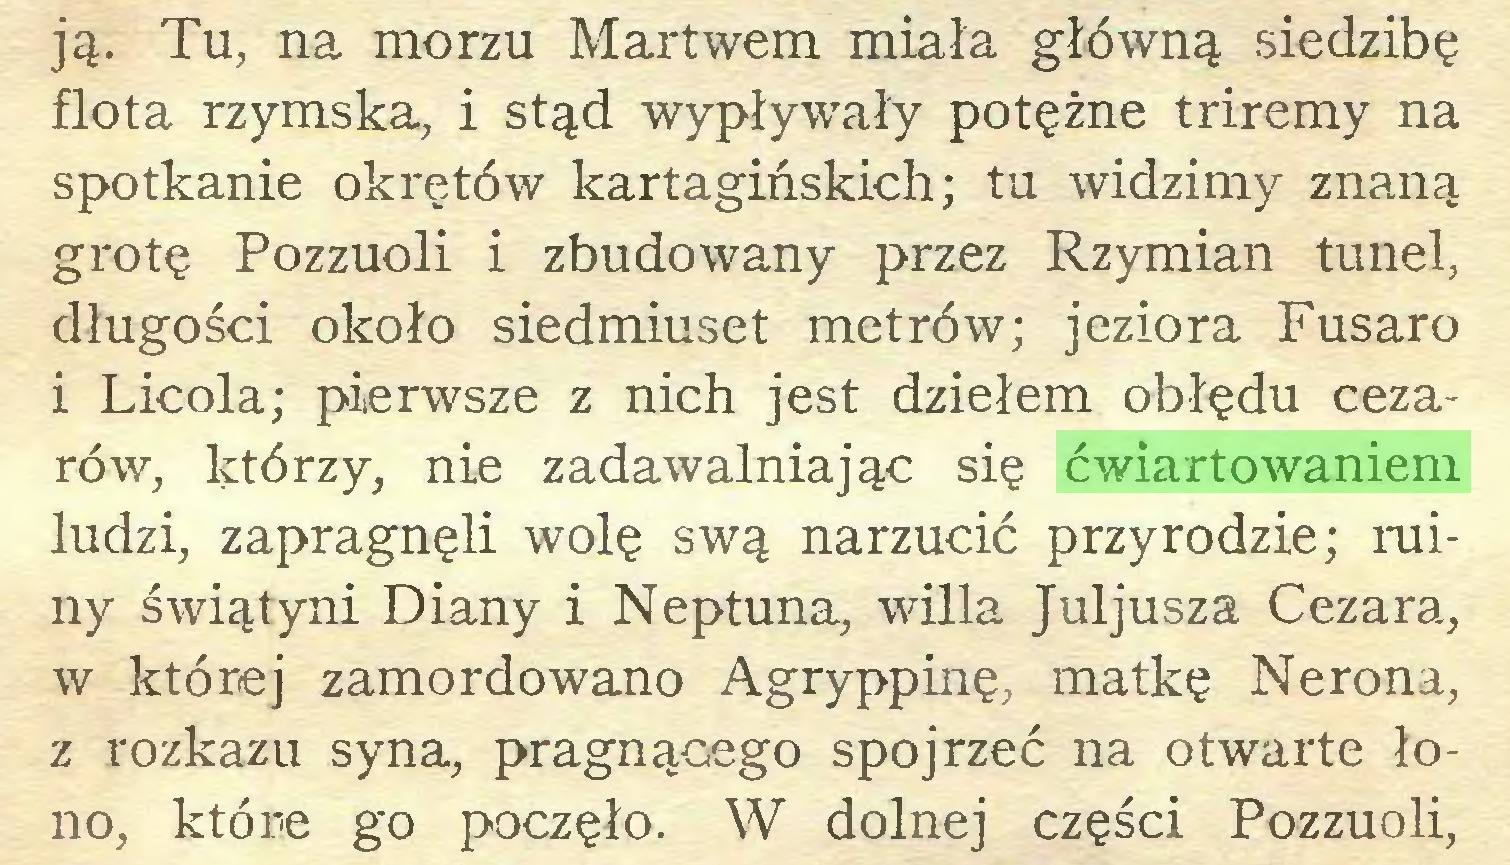 (...) ją. Tu, na morzu Martwem miała główną siedzibę flota rzymska, i stąd wypływały potężne triremy na spotkanie okrętów kartagińskich; tu widzimy znaną grotę Pozzuoli i zbudowany przez Rzymian tunel, długości około siedmiuset metrów; jeziora Fusaro i Licola; pierwsze z nich jest dziełem obłędu cezarów, którzy, nie zadawalniając się ćwiartowaniem ludzi, zapragnęli wolę swą narzucić przyrodzie; miny świątyni Diany i Neptuna, willa Juljusza Cezara, w której zamordowano Agryppinę, matkę Nerona, z rozkazu syna, pragnącego spojrzeć na otwarte łono, które go poczęło. W dolnej części Pozzuoli,...